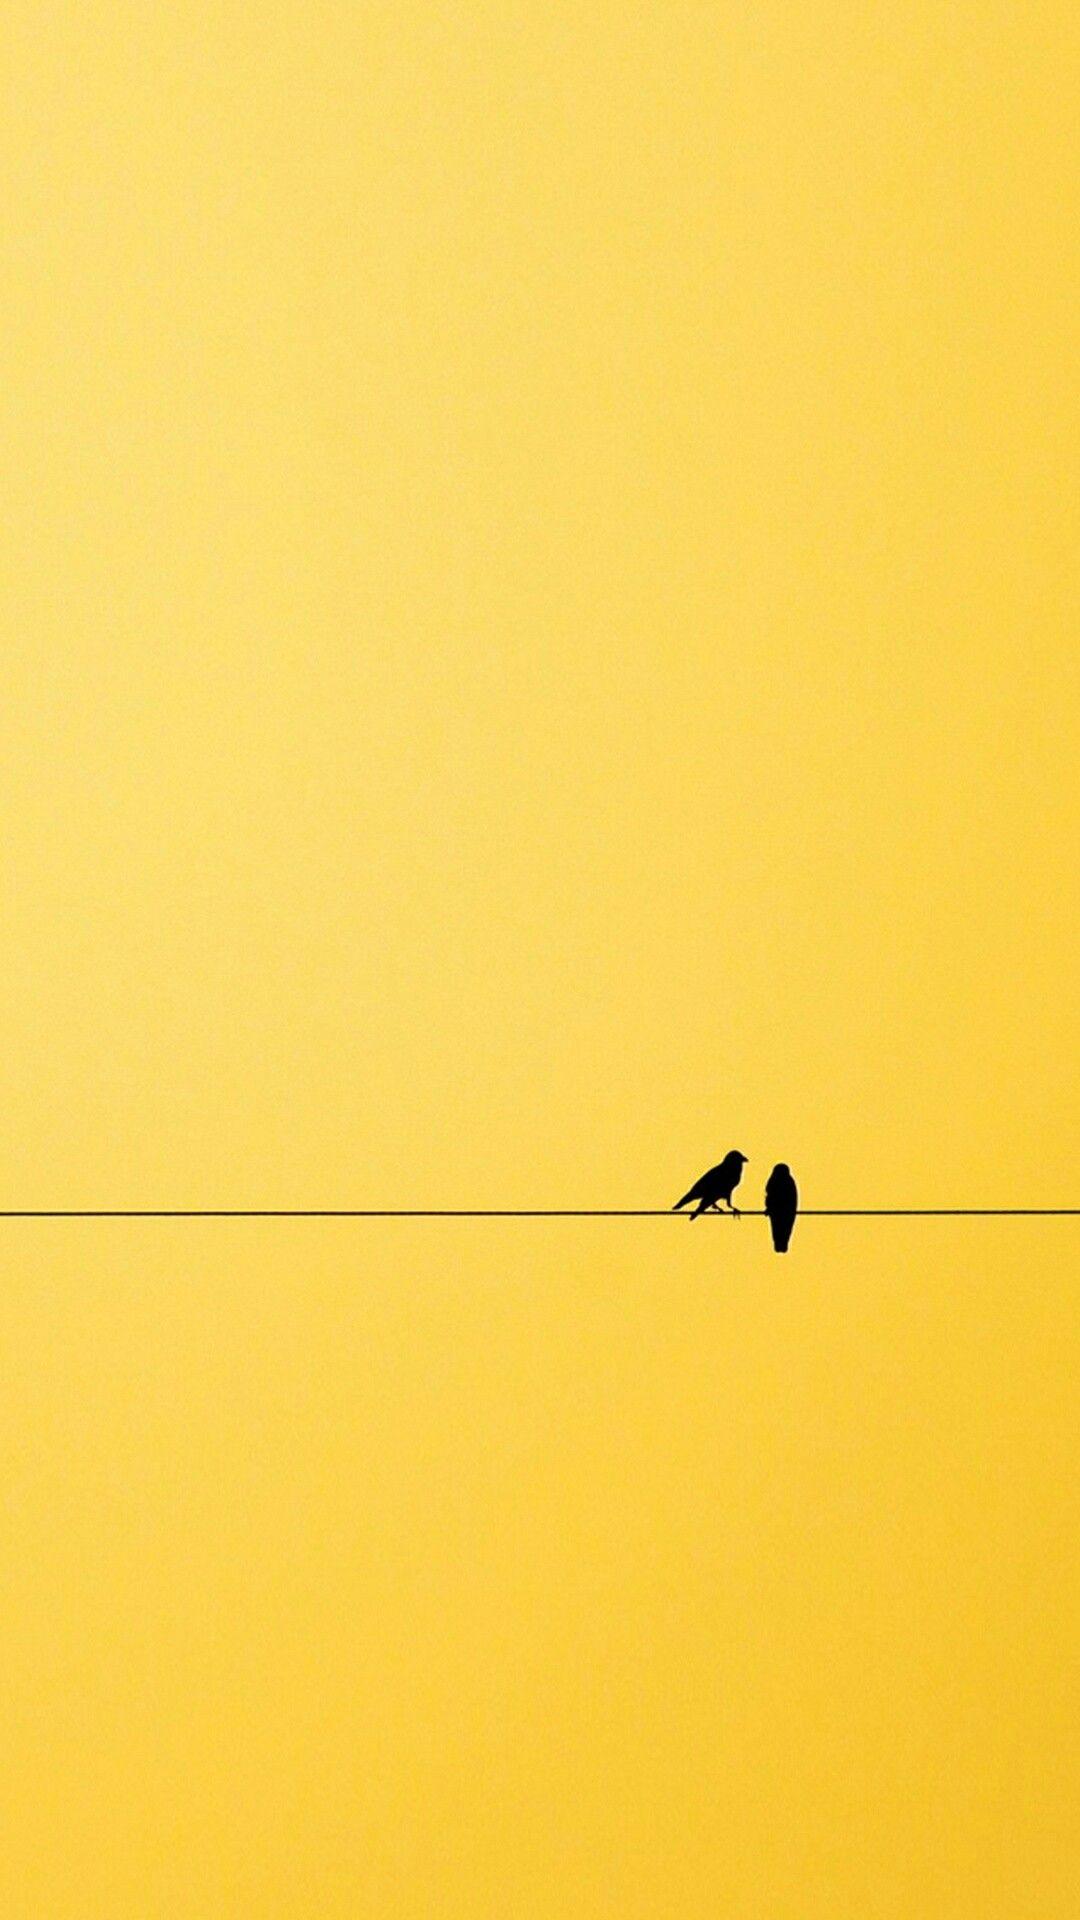 #yellow #birds | Minimalist photography, Yellow aesthetic ...